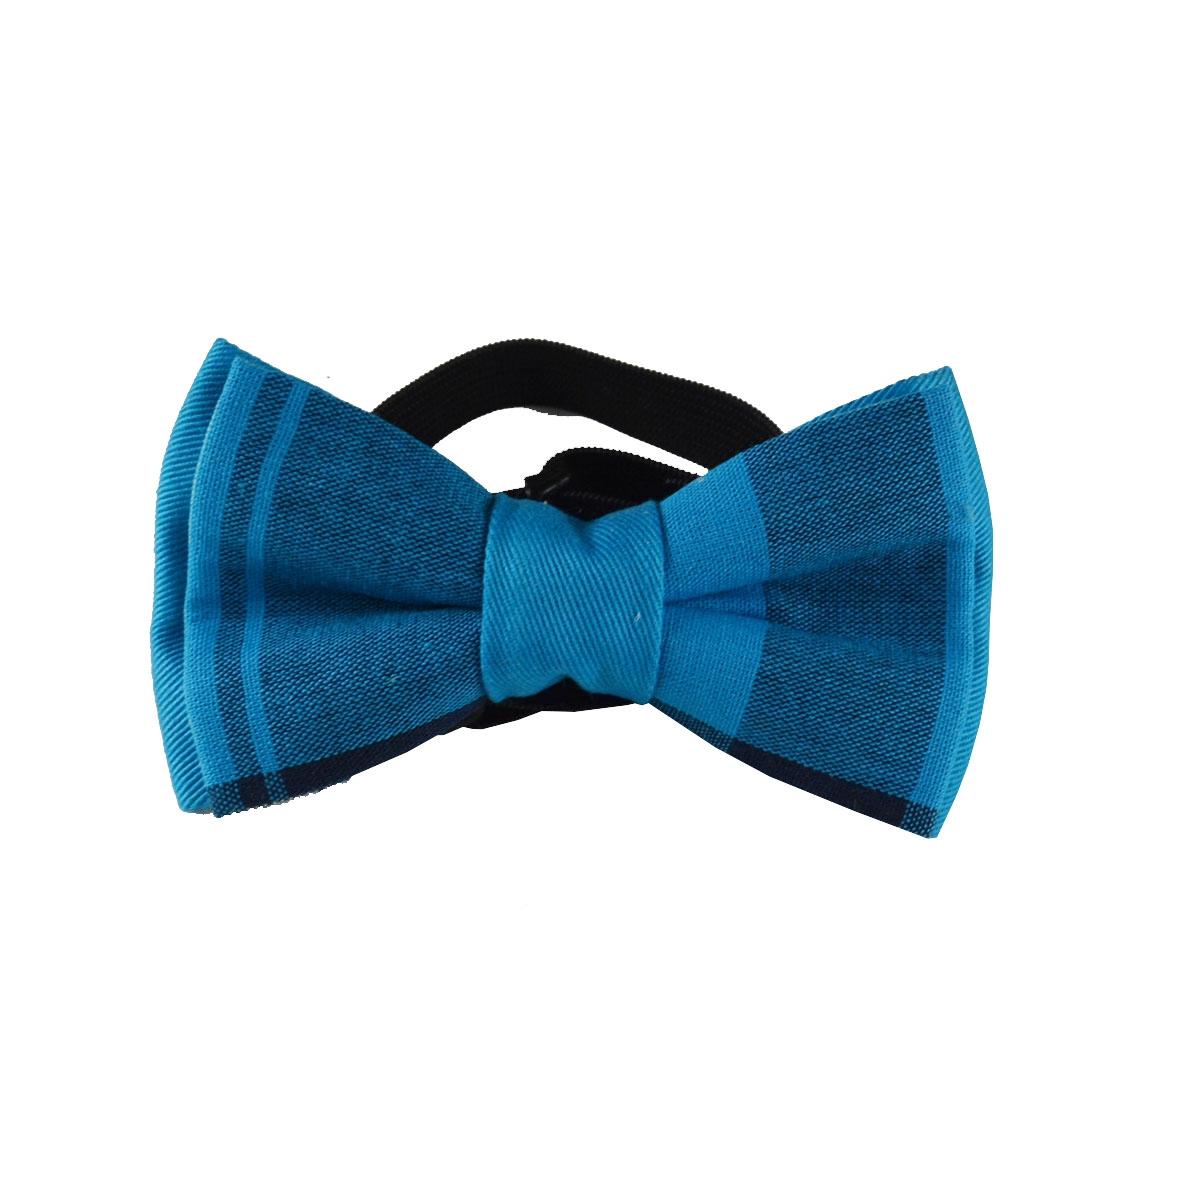 ensemble bretelles et noeud papillon bleu coo mon. Black Bedroom Furniture Sets. Home Design Ideas